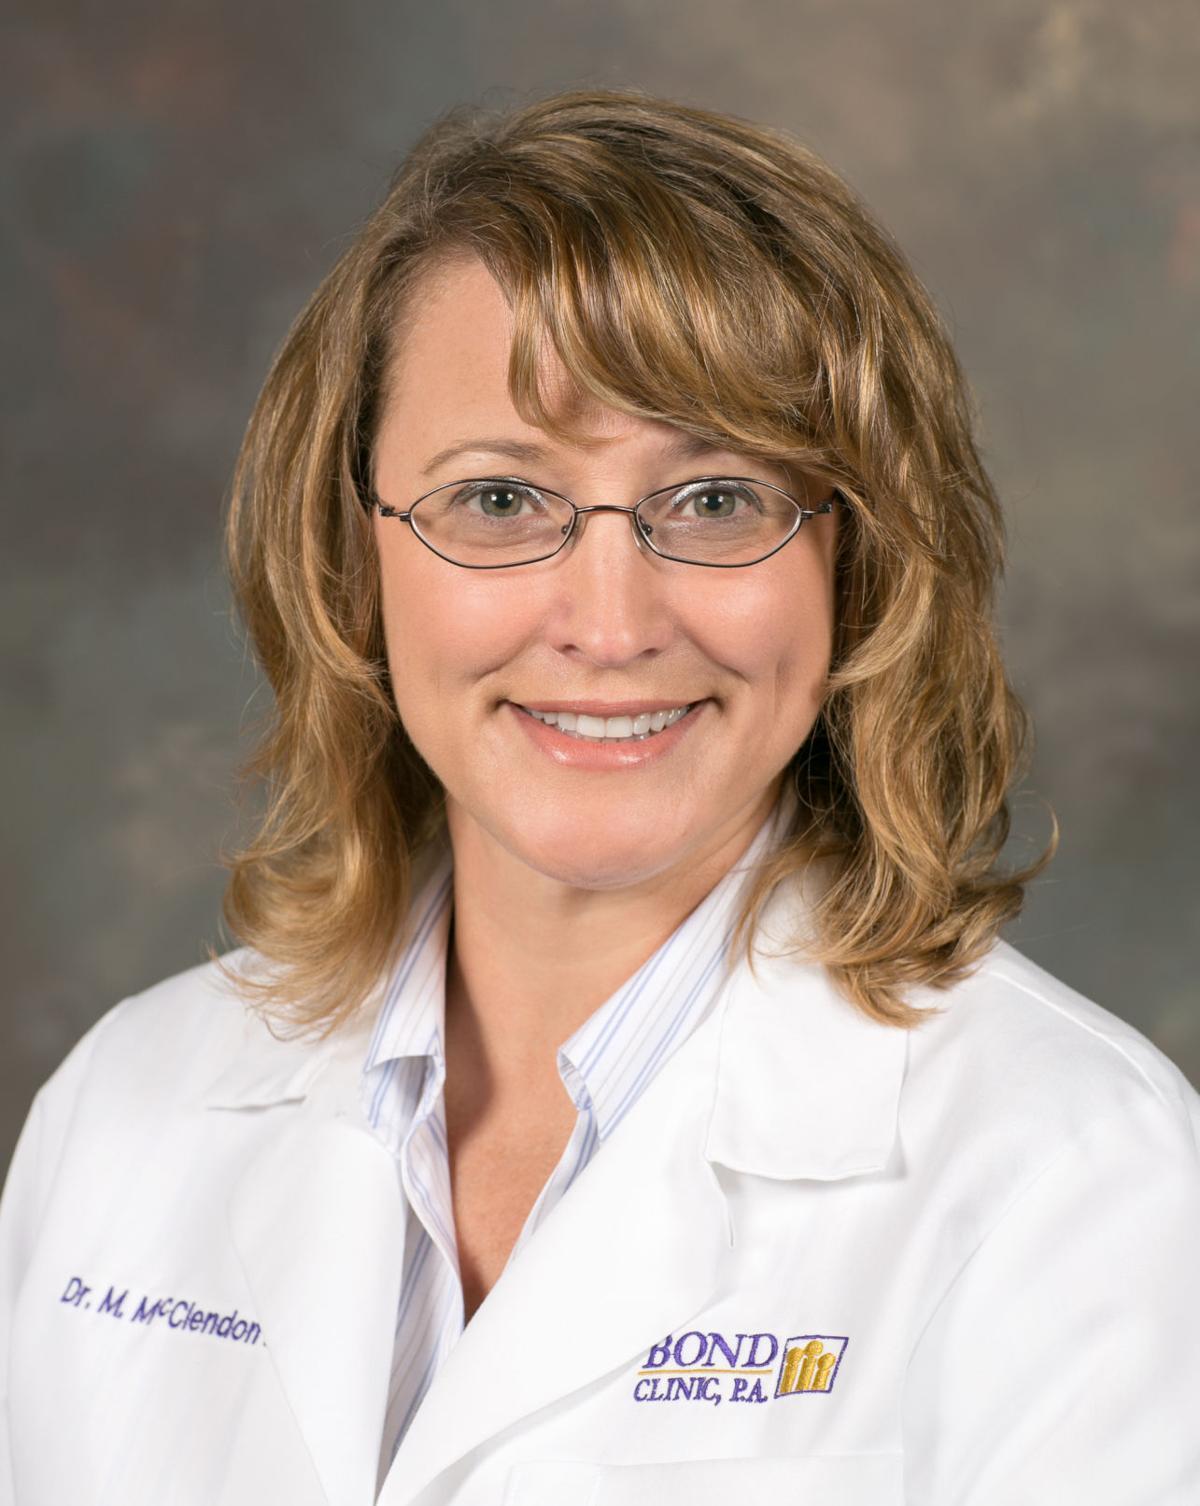 Dr. Michele McClendon